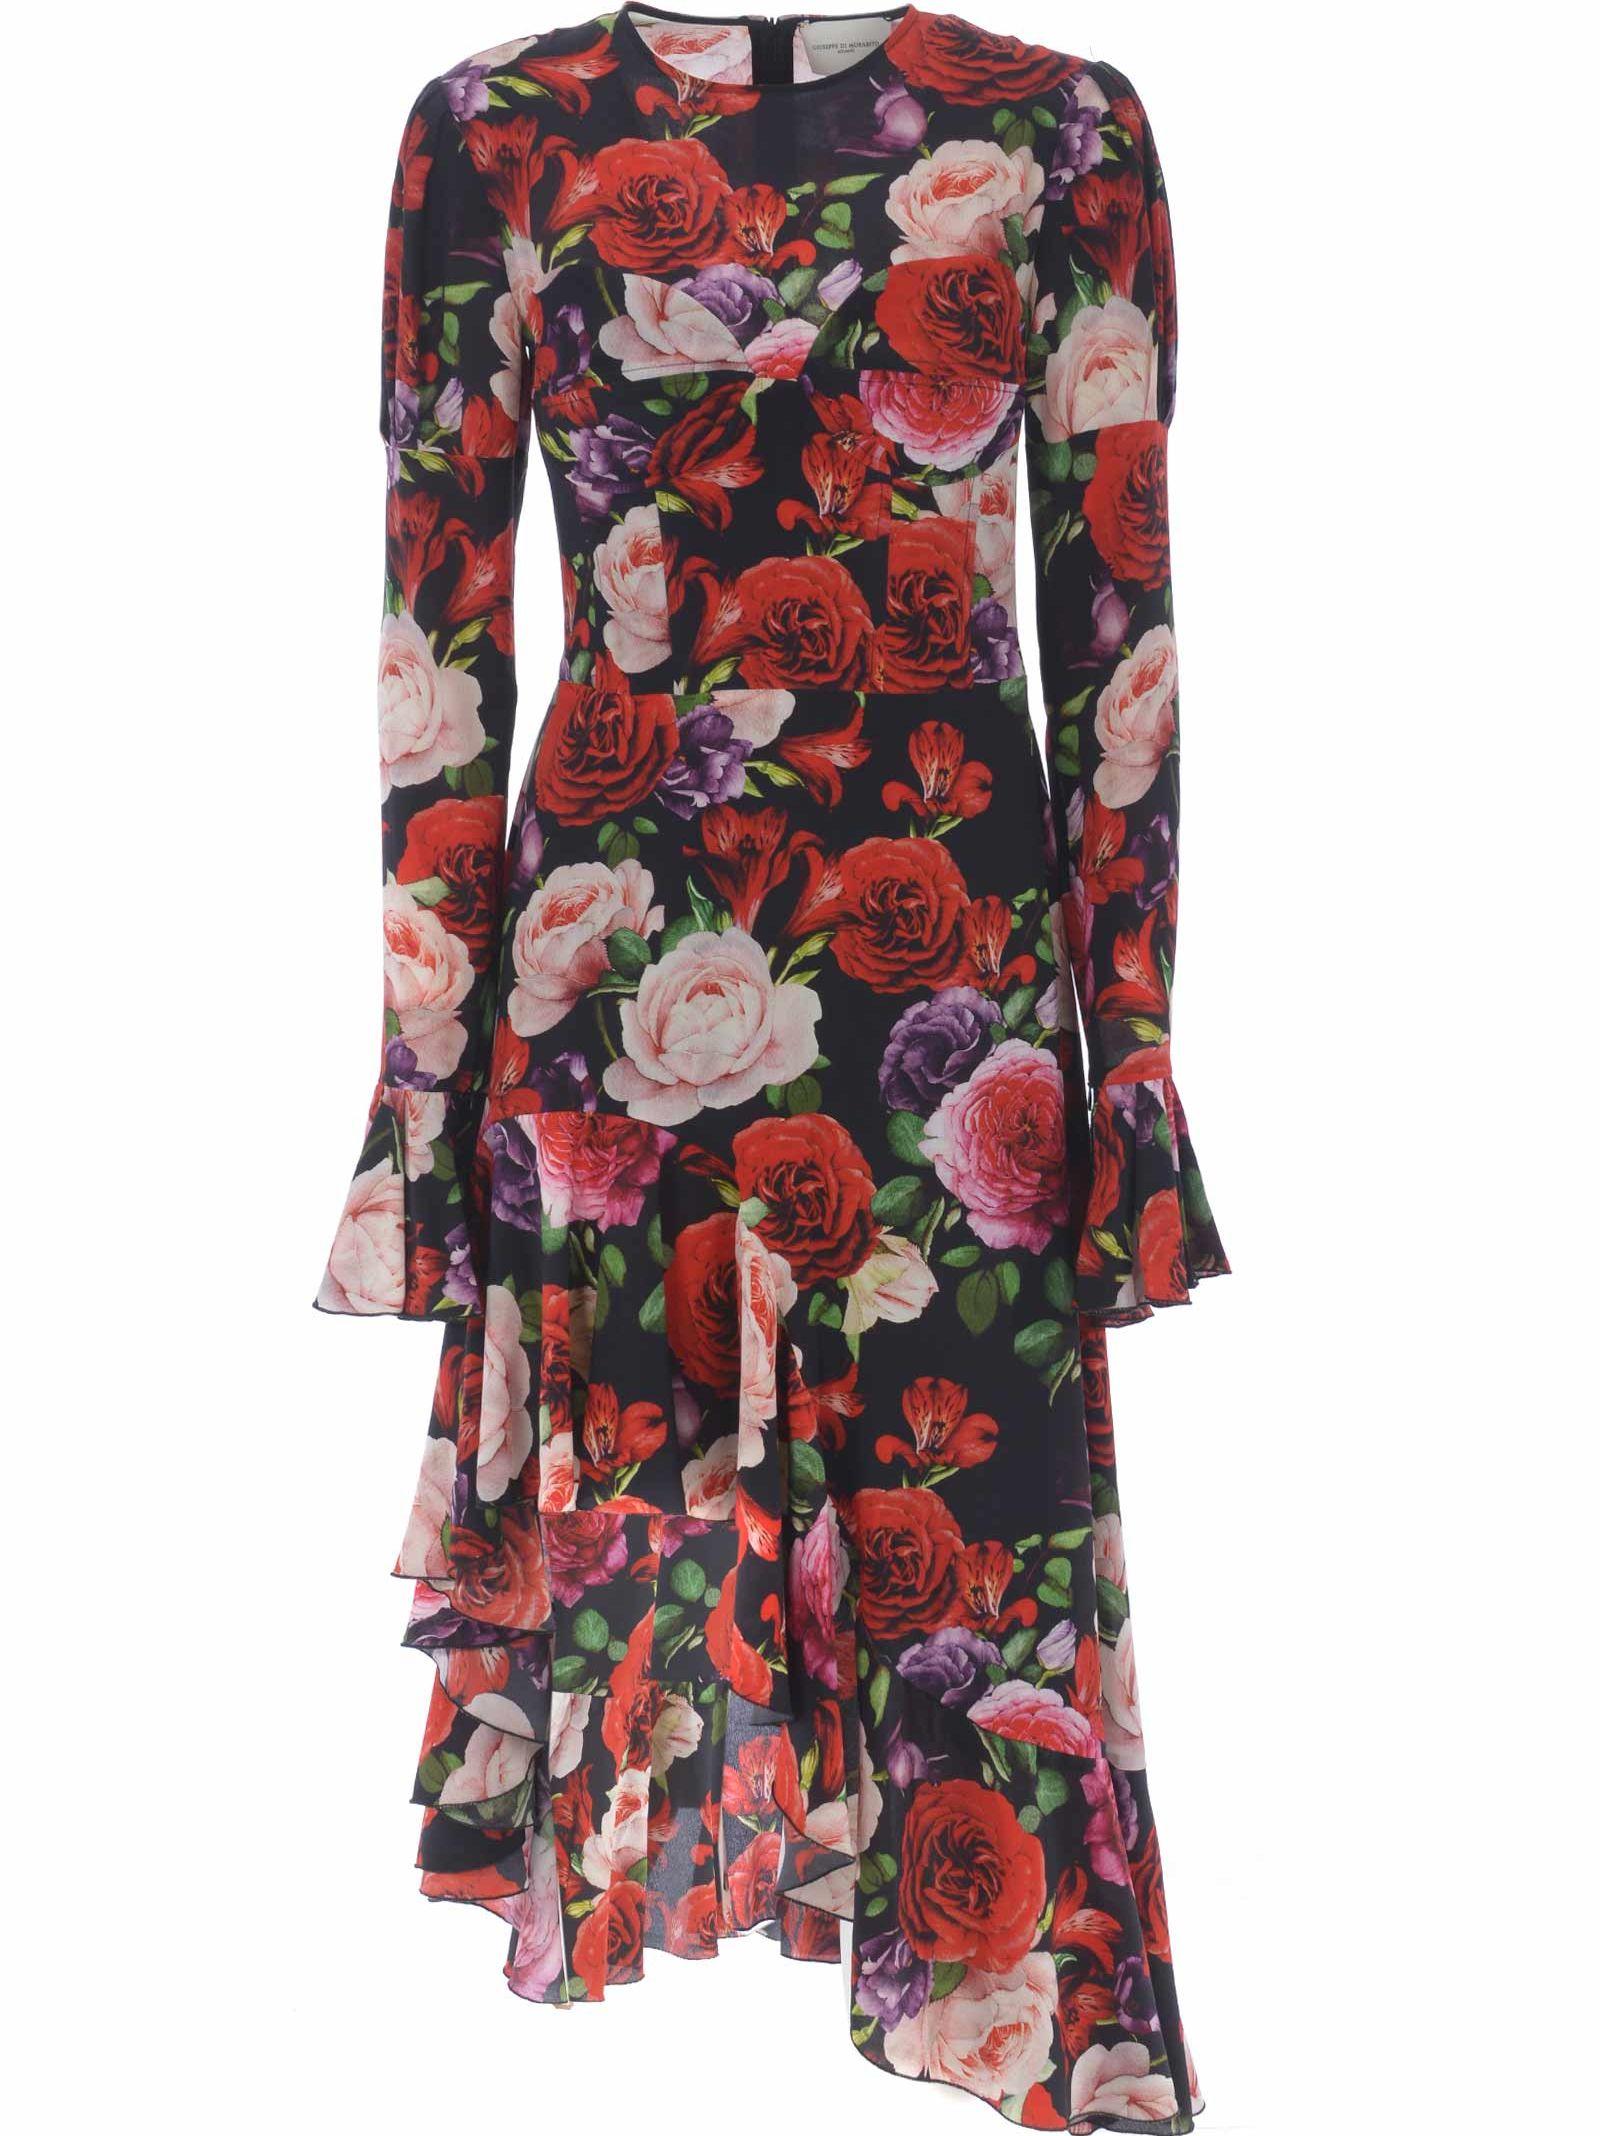 GIUSEPPE DI MORABITO Giuseppe Di Morabito Floral Asymmetric Dress in Nero-Rosso